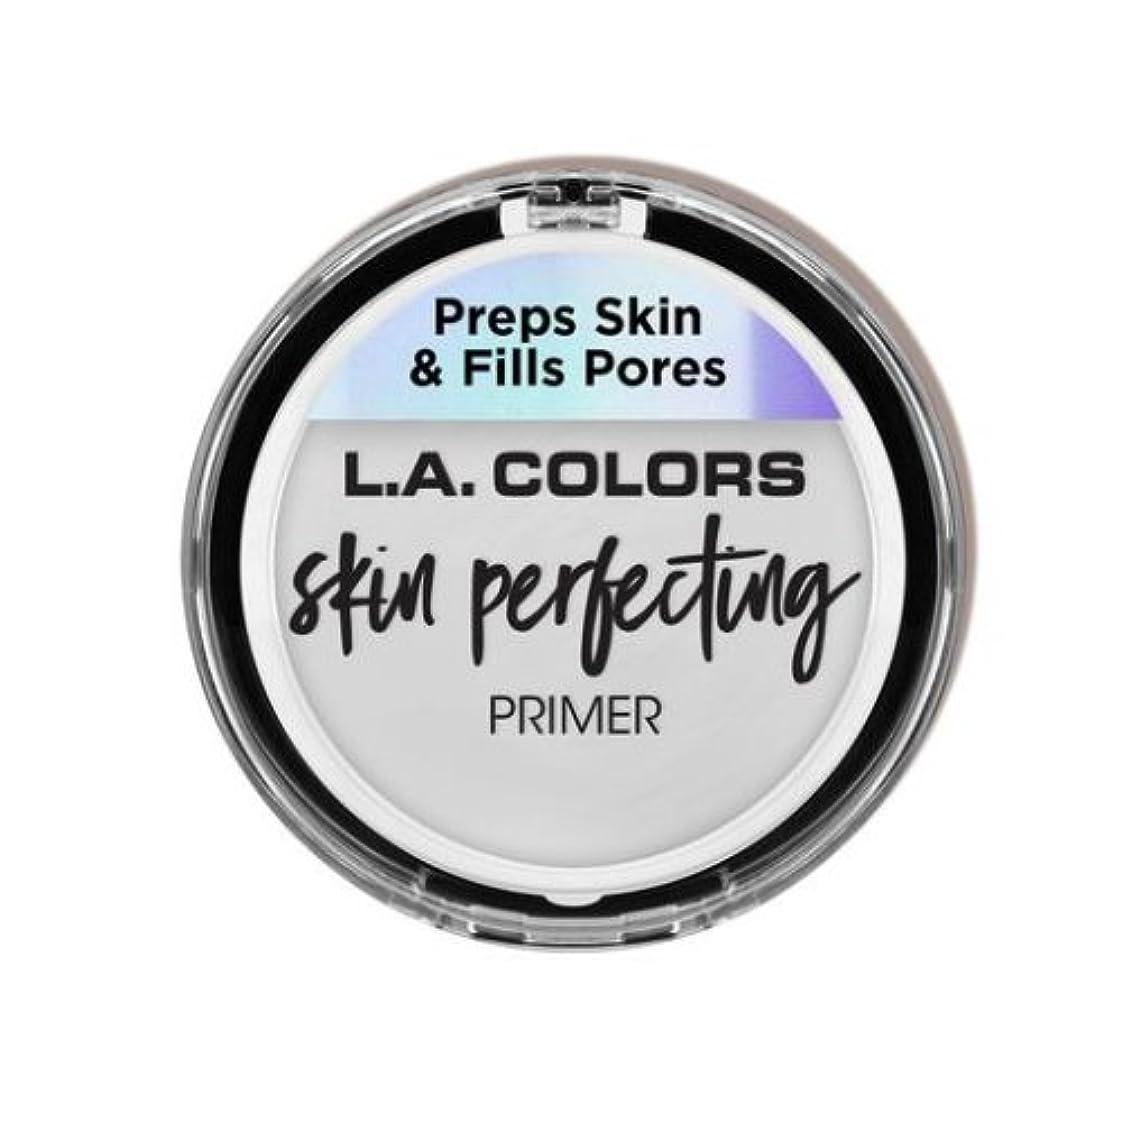 忘れっぽい永続施し(6 Pack) L.A. COLORS Skin Perfecting Primer - Clear (並行輸入品)